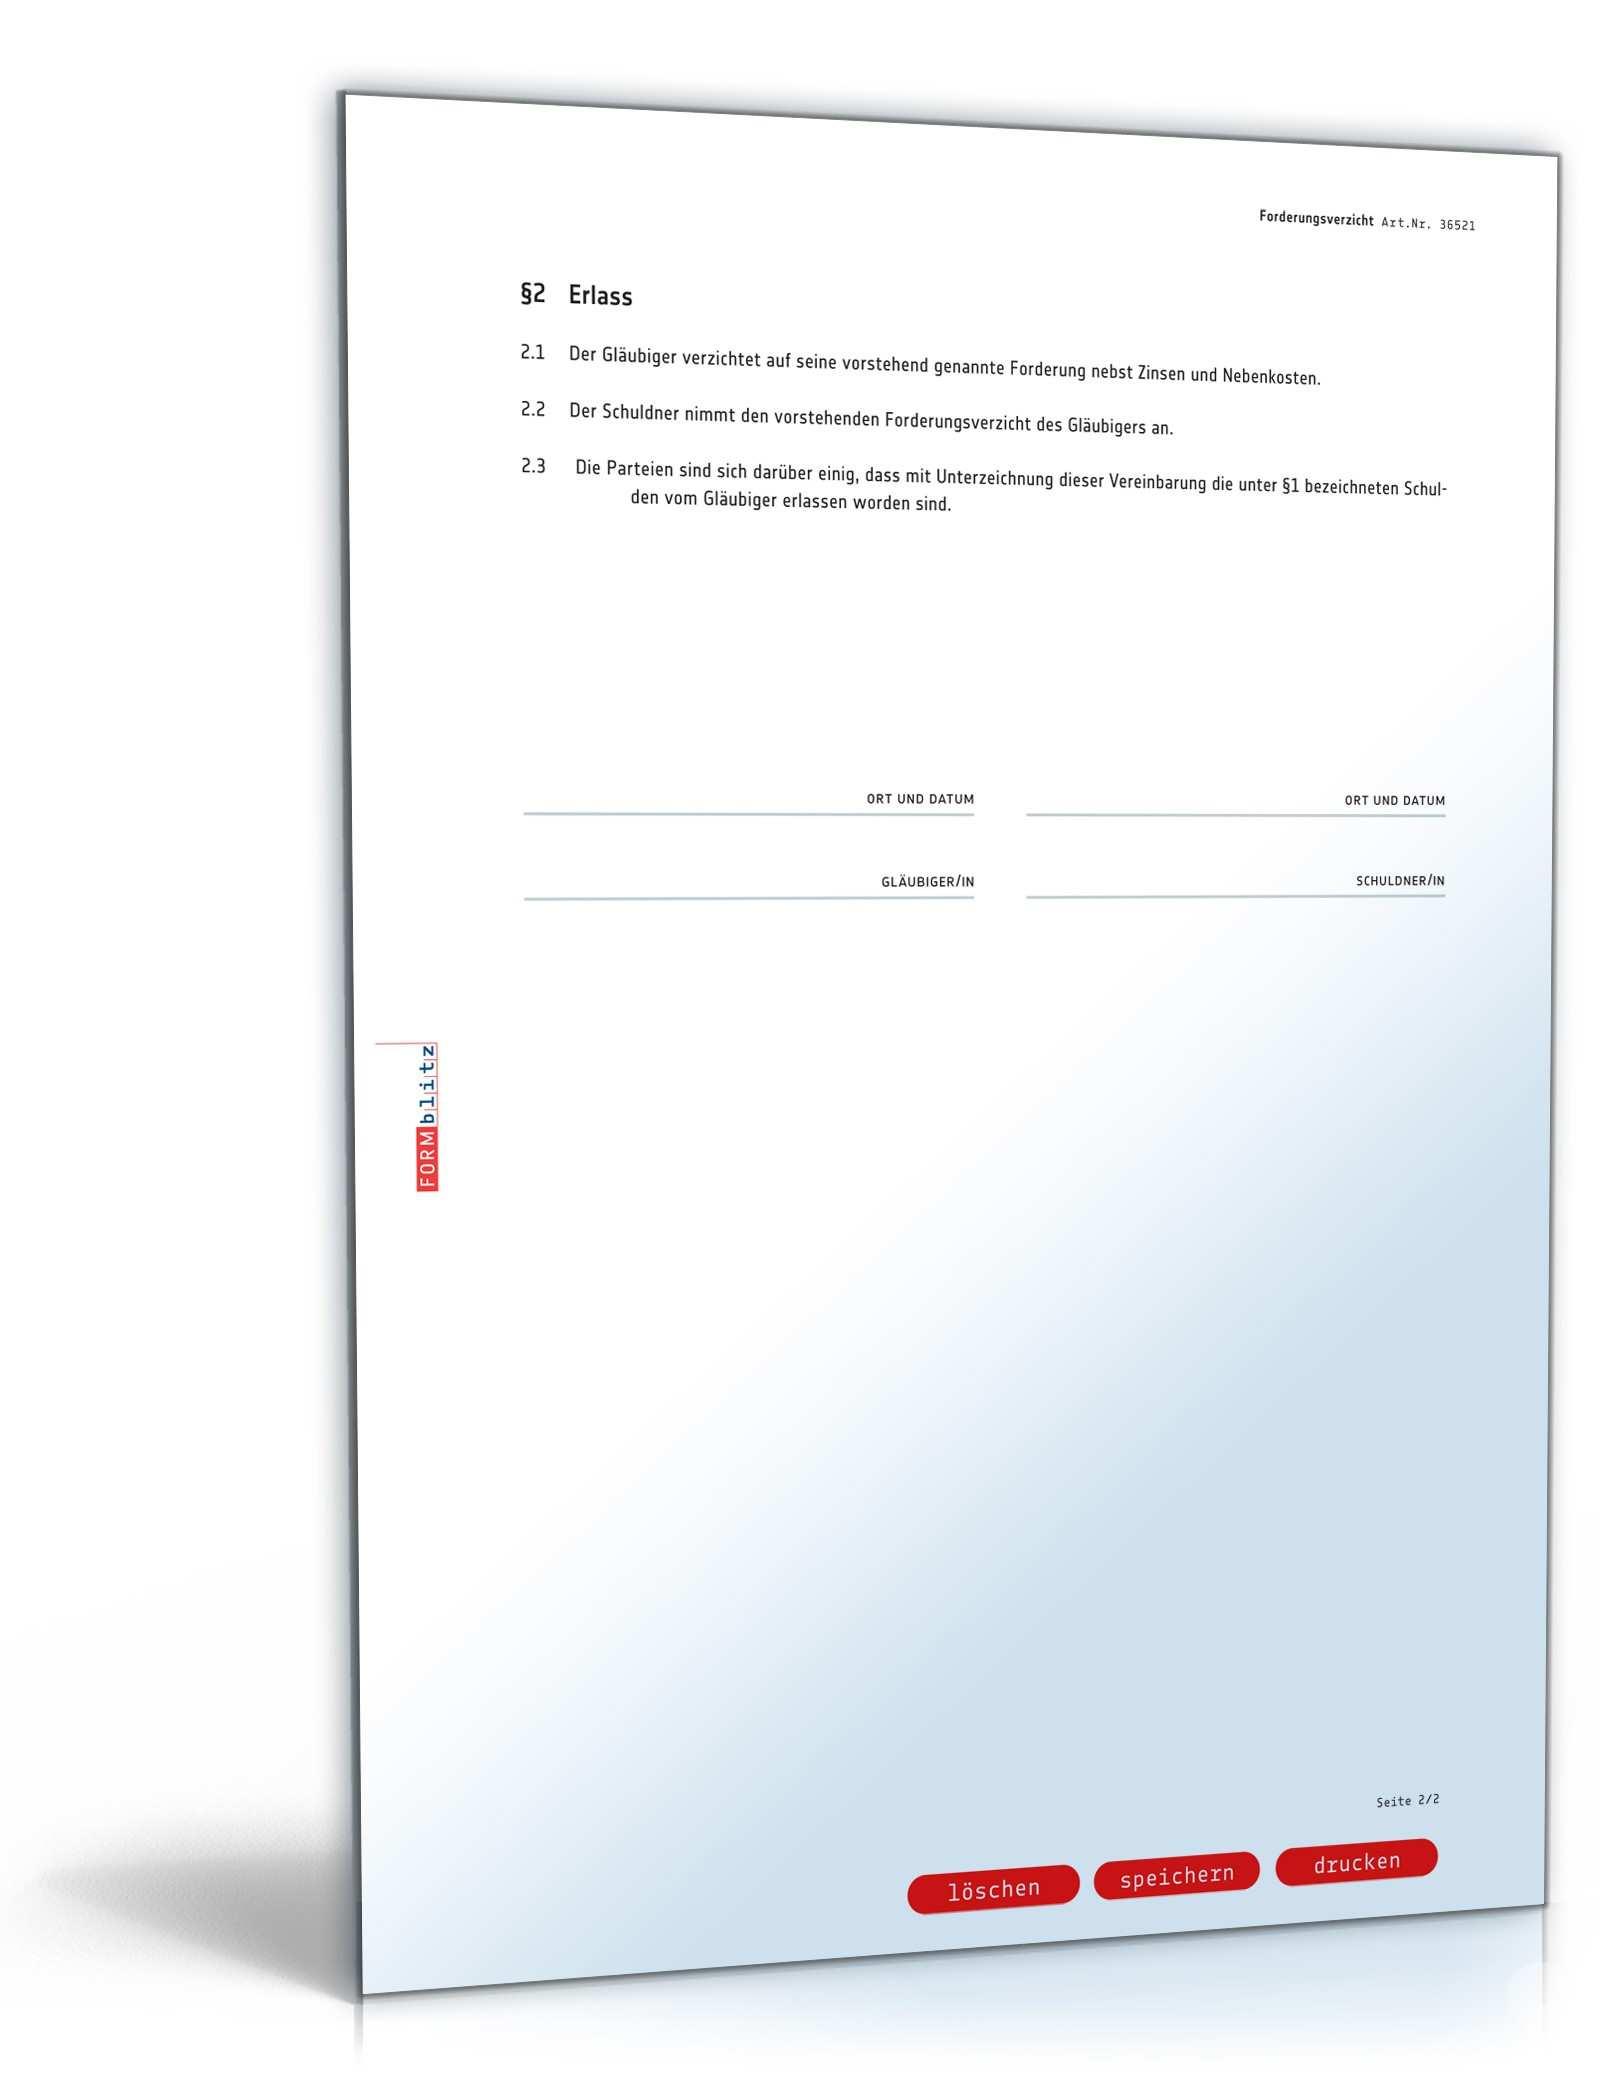 Forderungsverzicht Mit Erlassvertrag Muster Zum Download